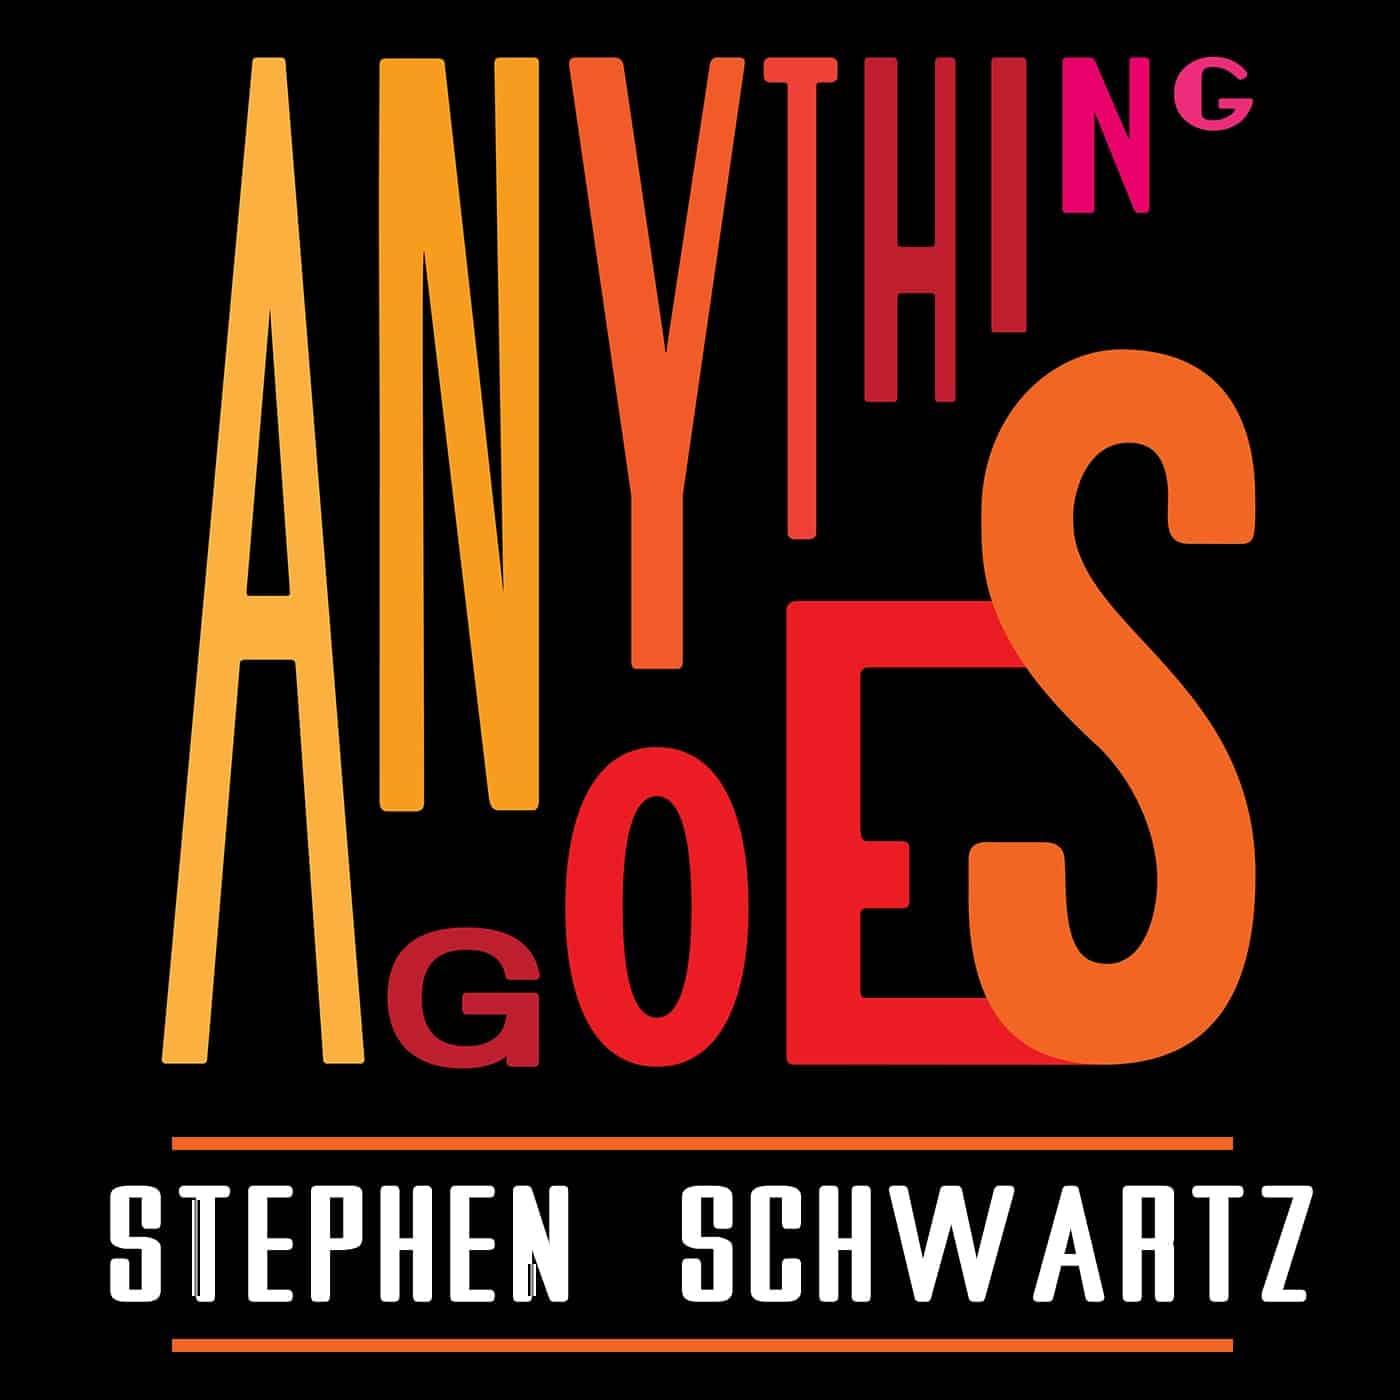 03 Stephen Schwartz